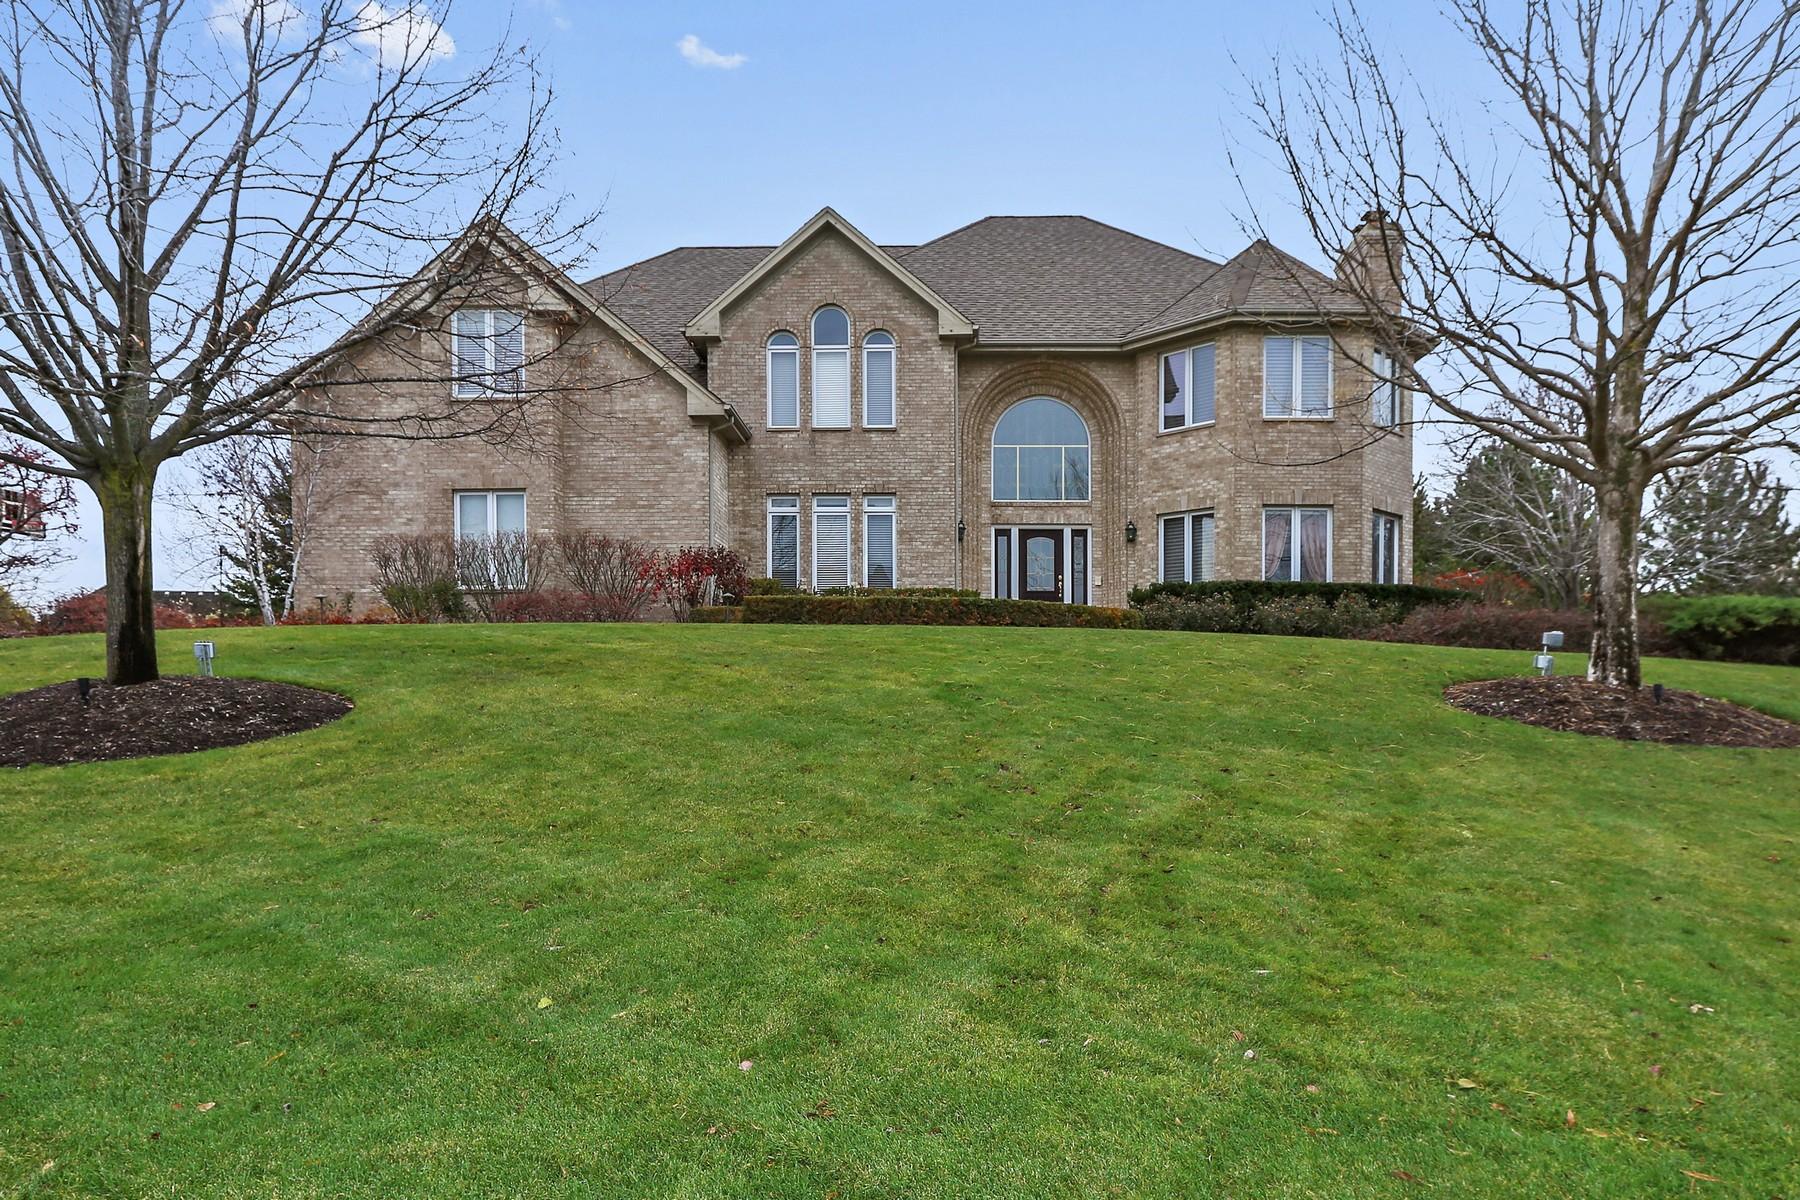 Частный односемейный дом для того Продажа на Fabulous Location Sited High Looking Down The Waterway 21556 W Swan Court Kildeer, Иллинойс, 60047 Соединенные Штаты